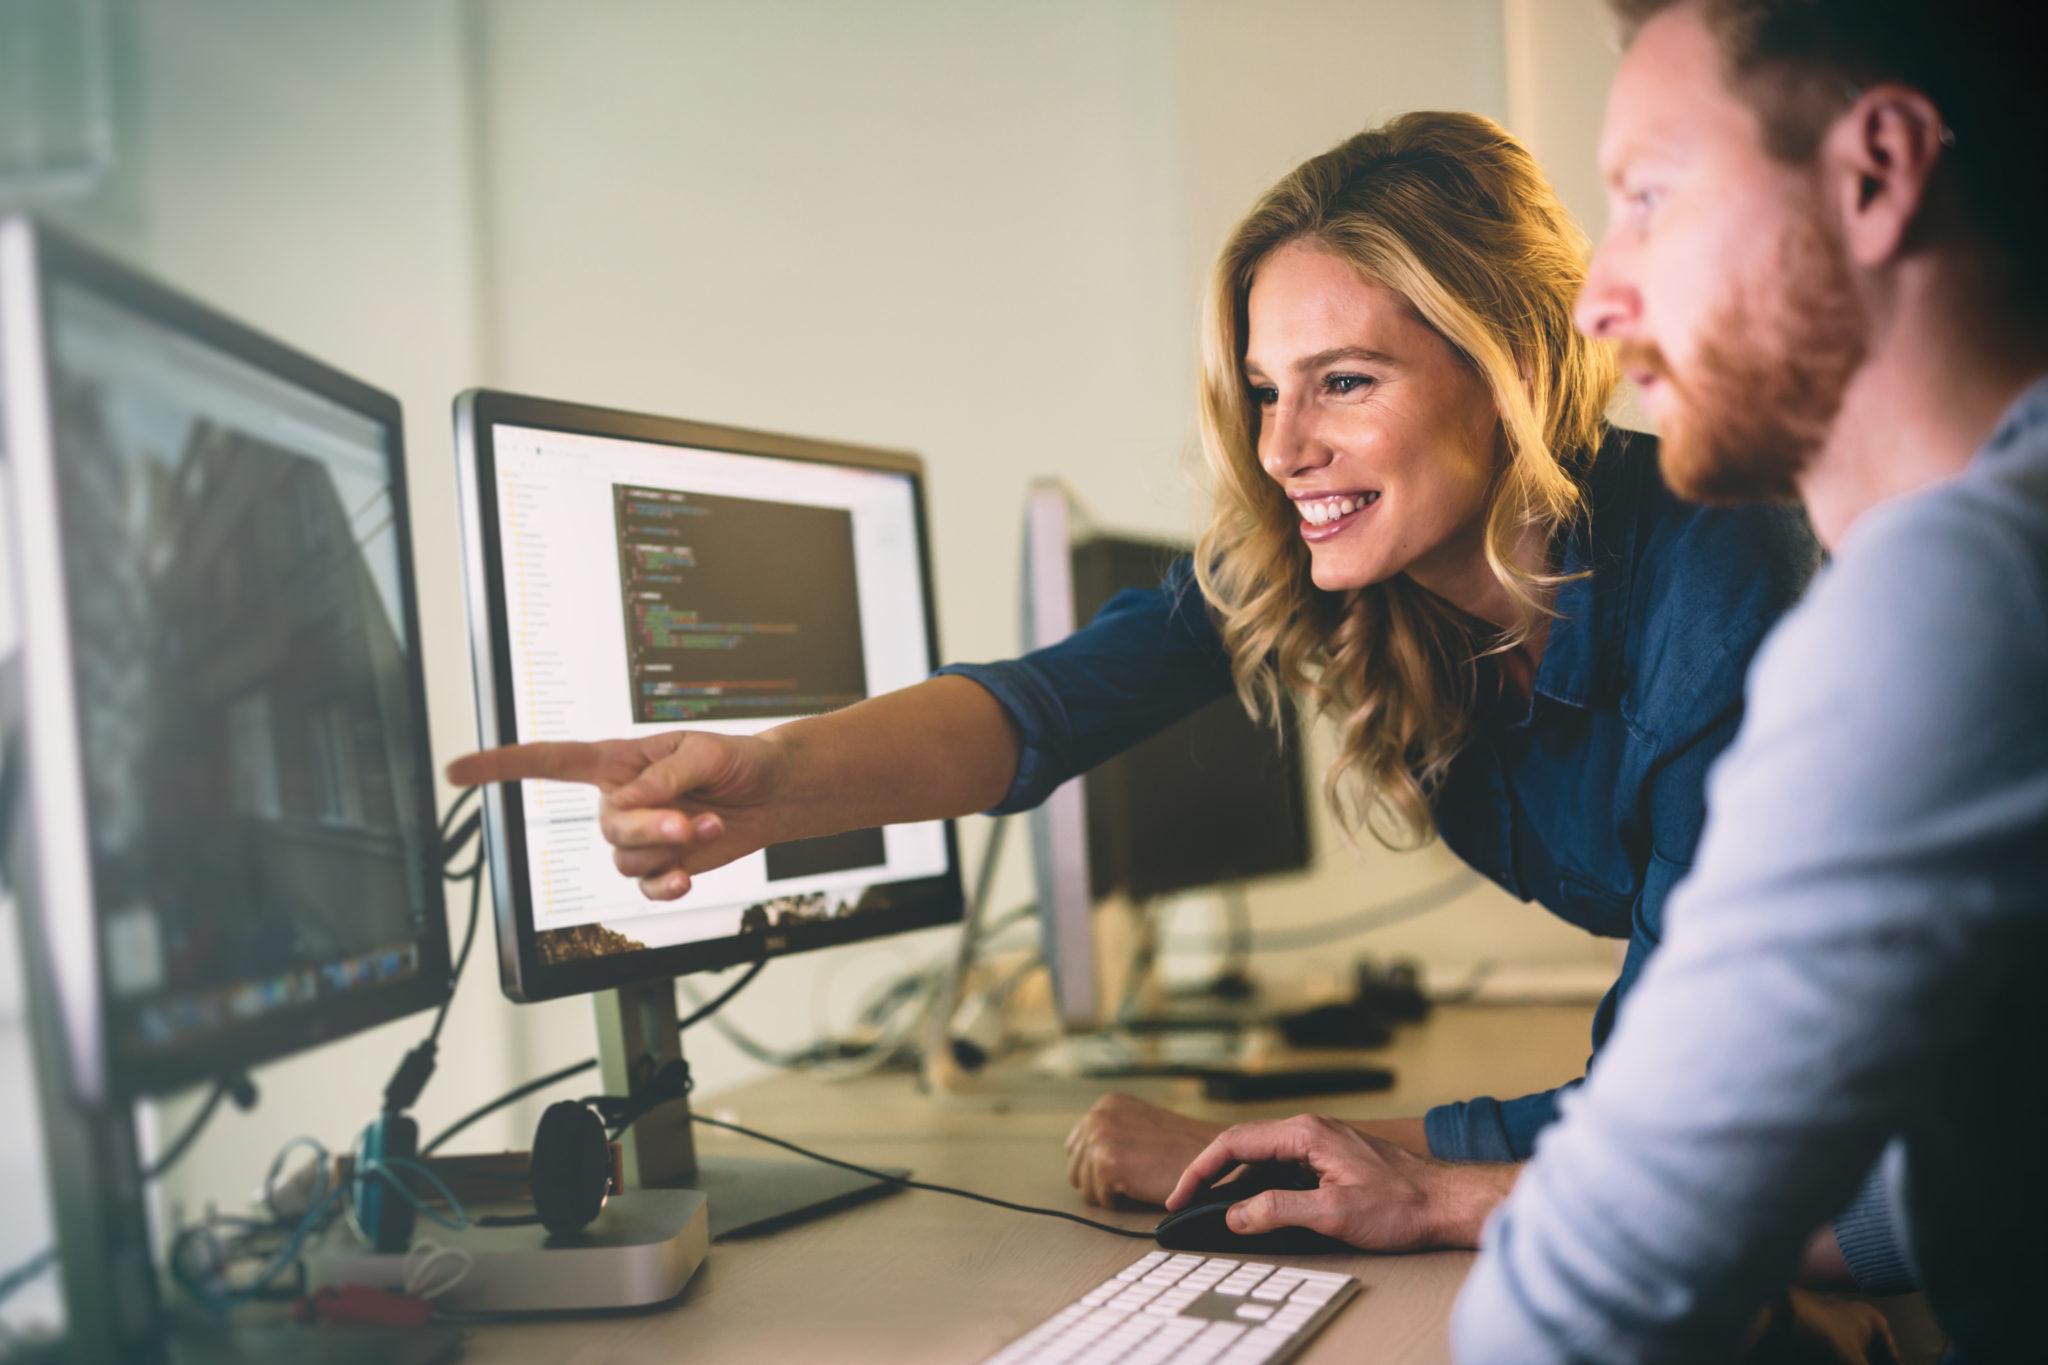 ソフトウェア開発企業のオフィスで働くプログラマー